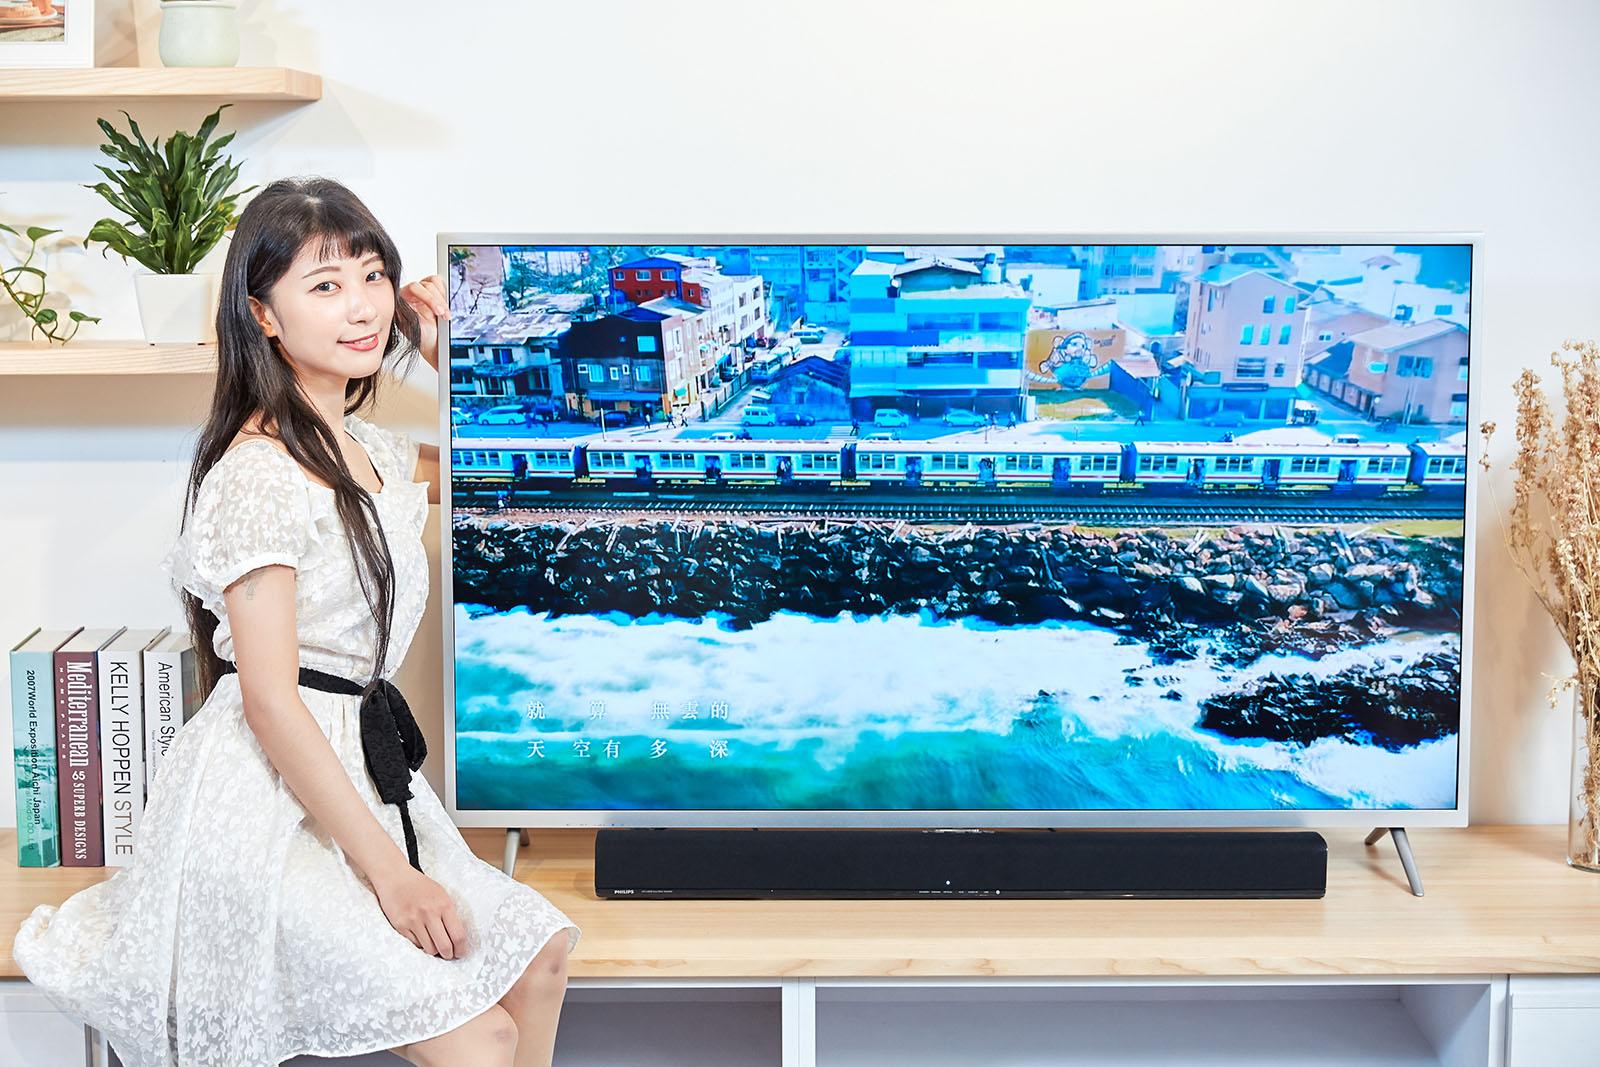 影音雙全,有聲有色,PHILIPS 55PUH6073 液晶大型顯示器與 HTL1190B 聲霸,輕鬆打造家庭電影院